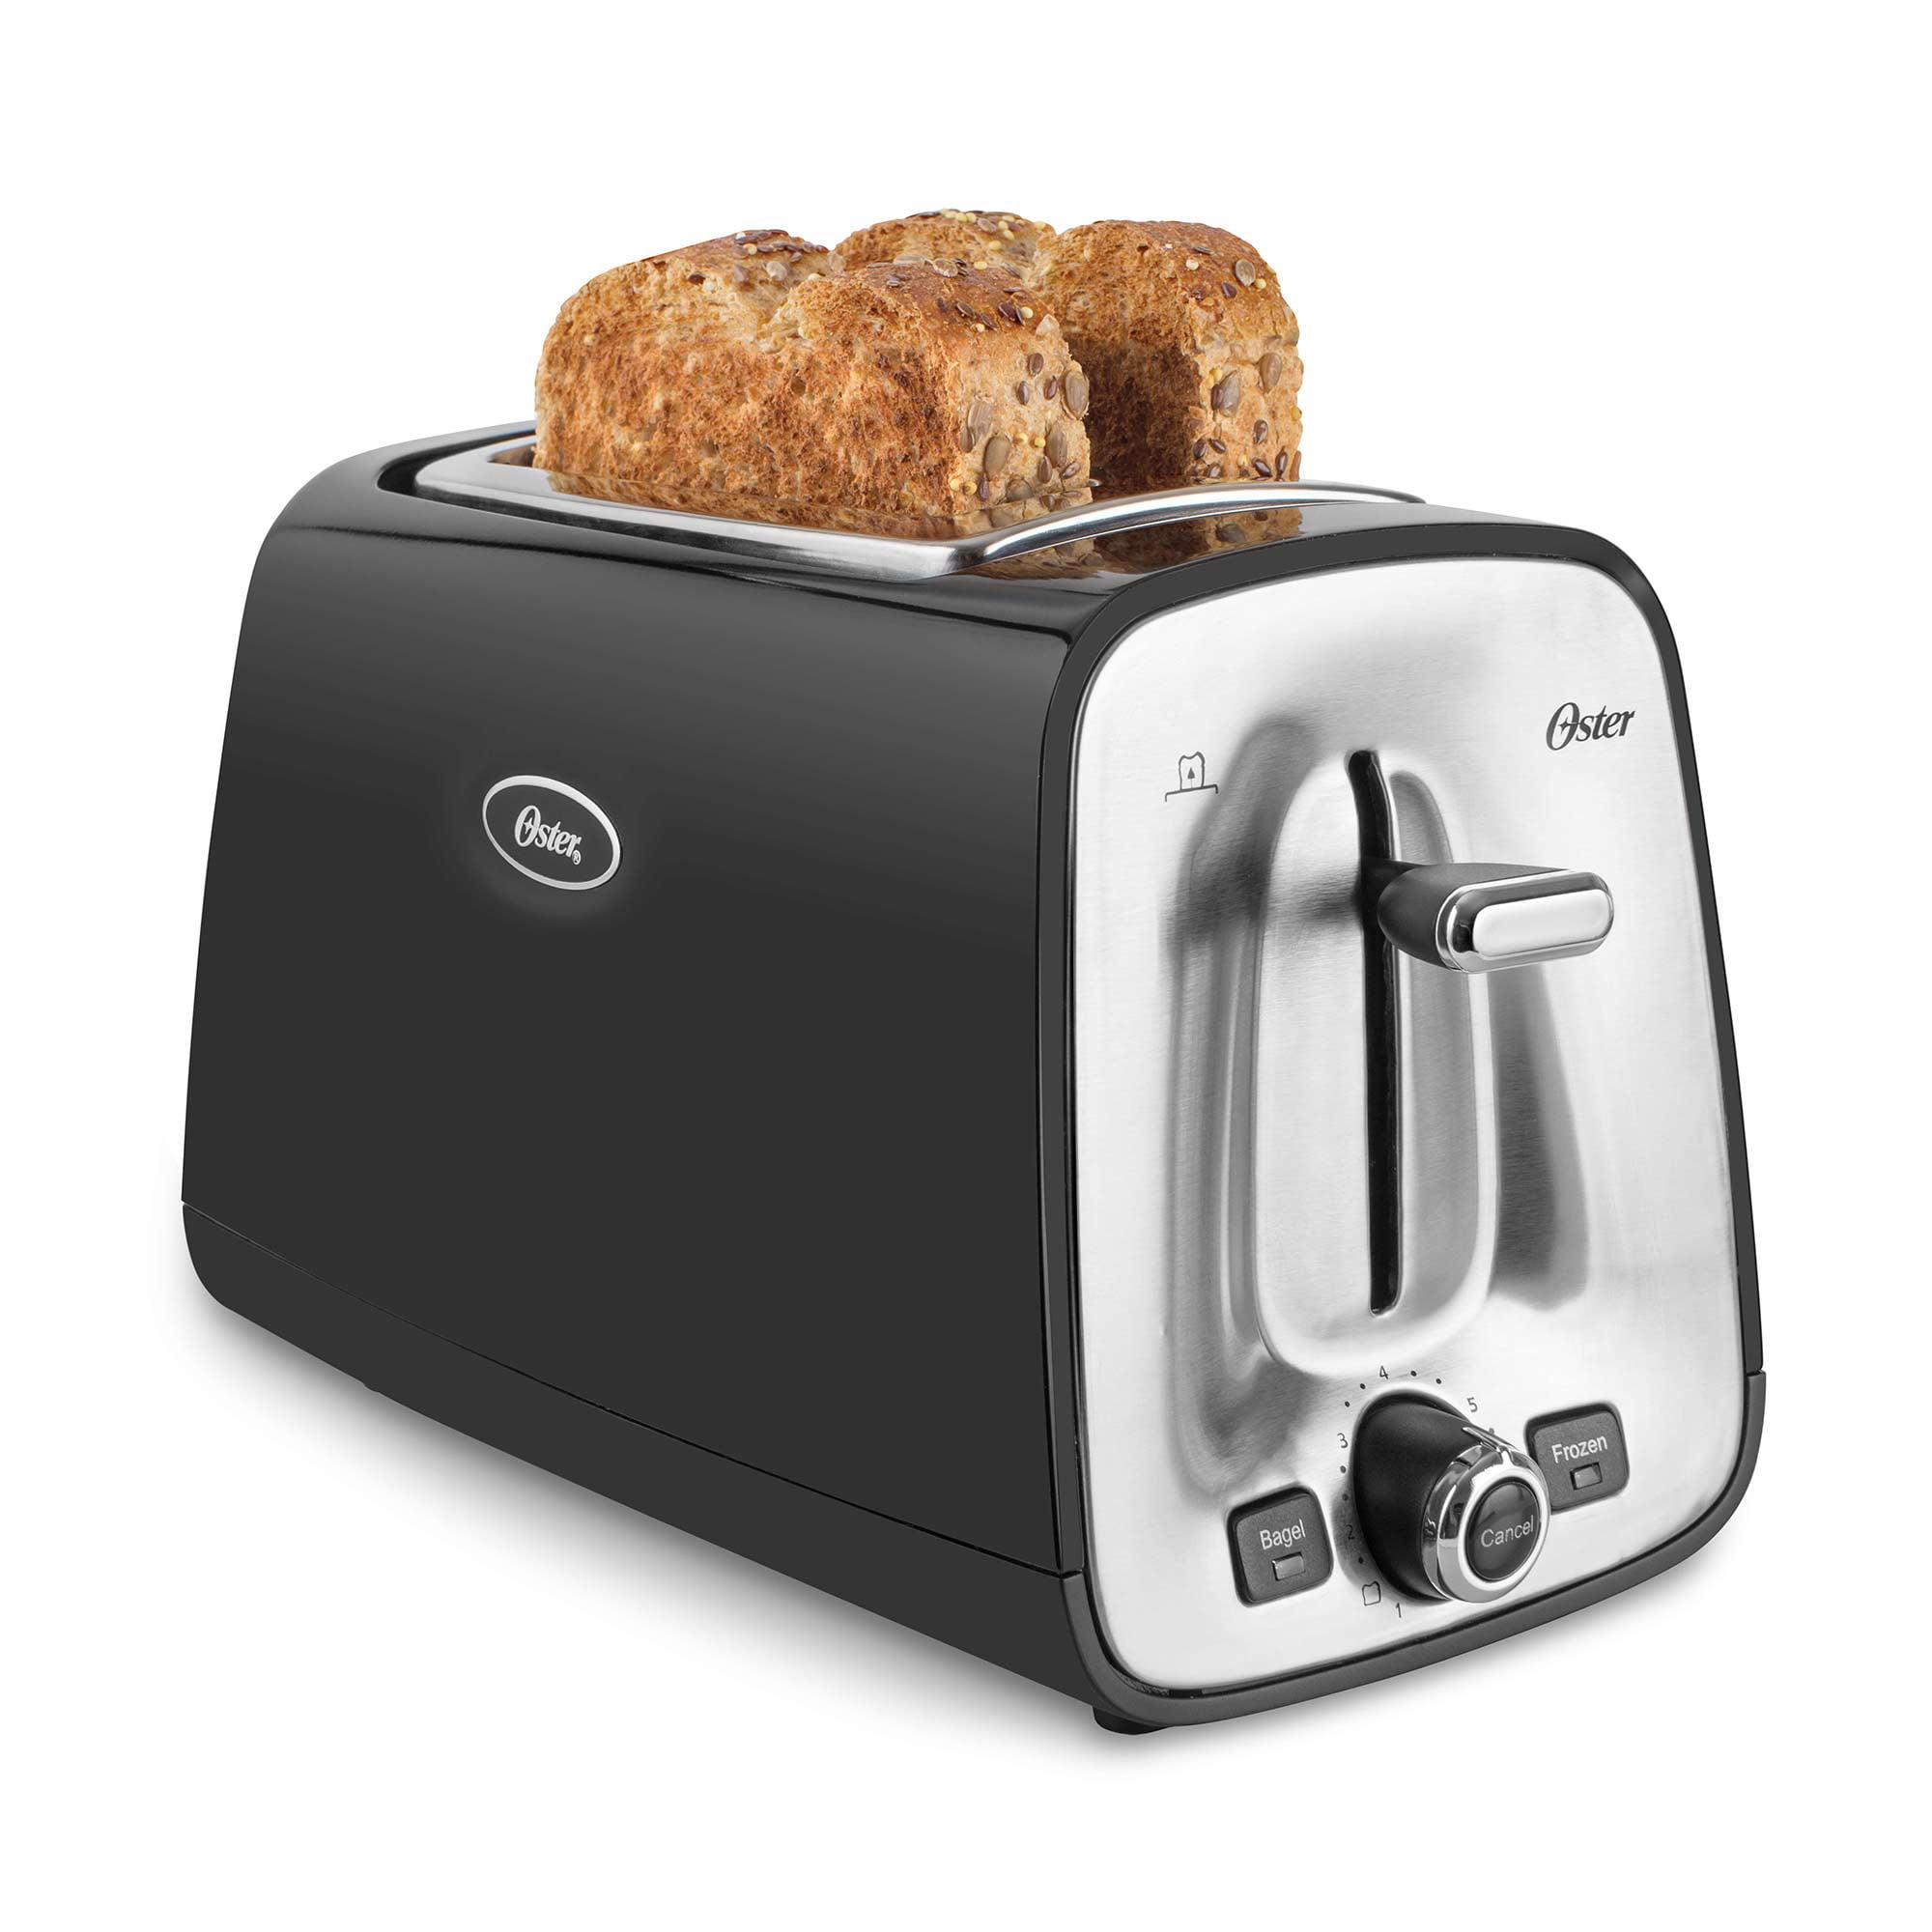 Oster 2-Slice Toaster, Black